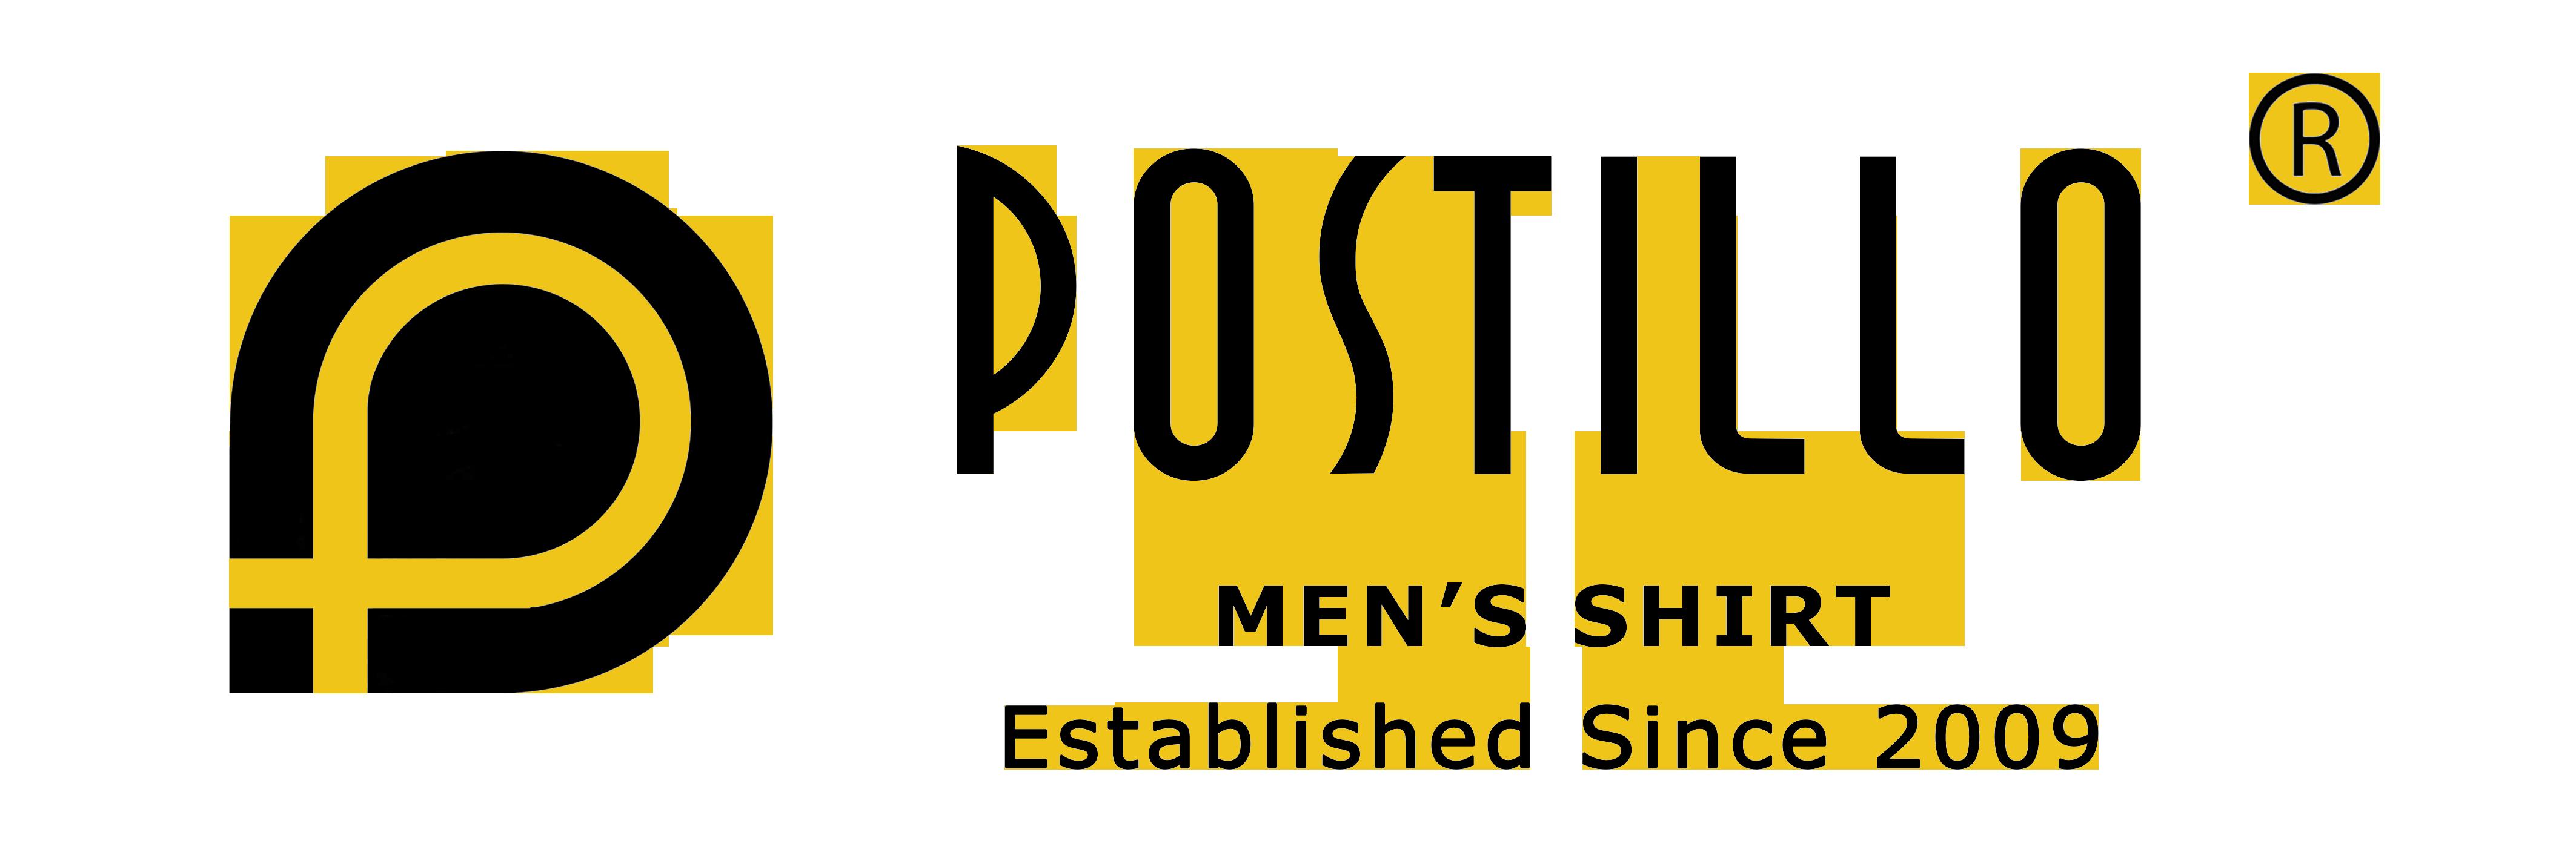 Postillo